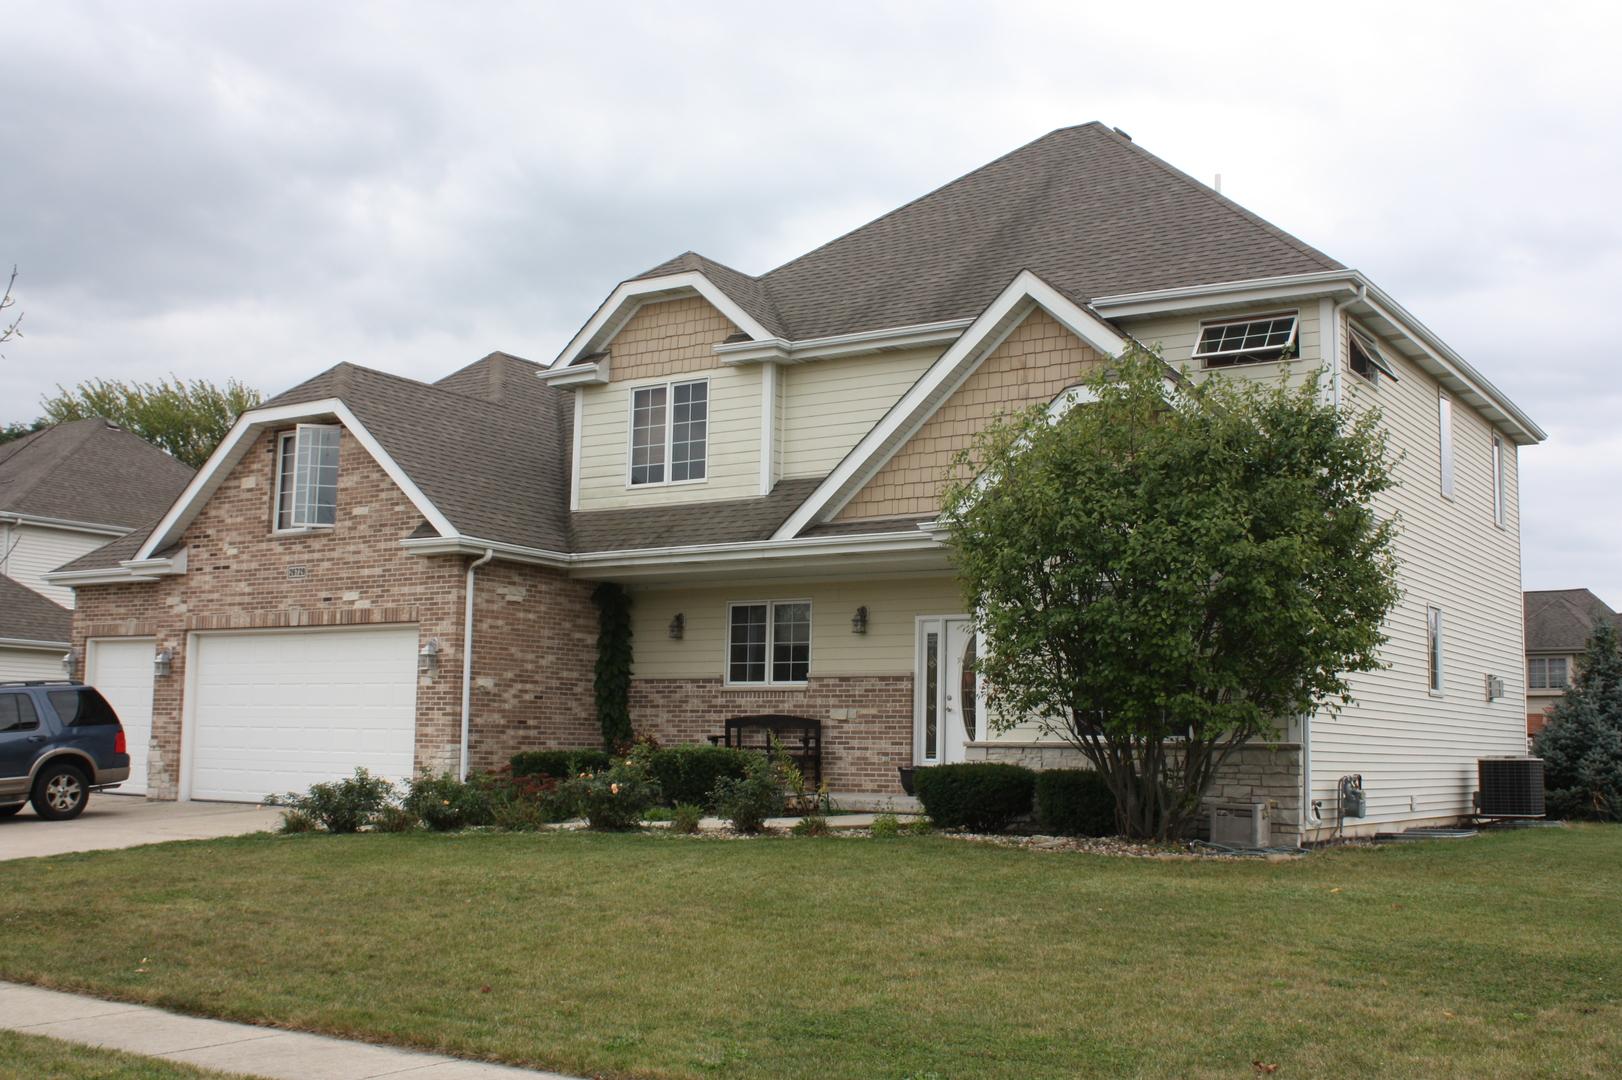 Property for sale at 26729 West Allison Drive, Channahon,  IL 60410